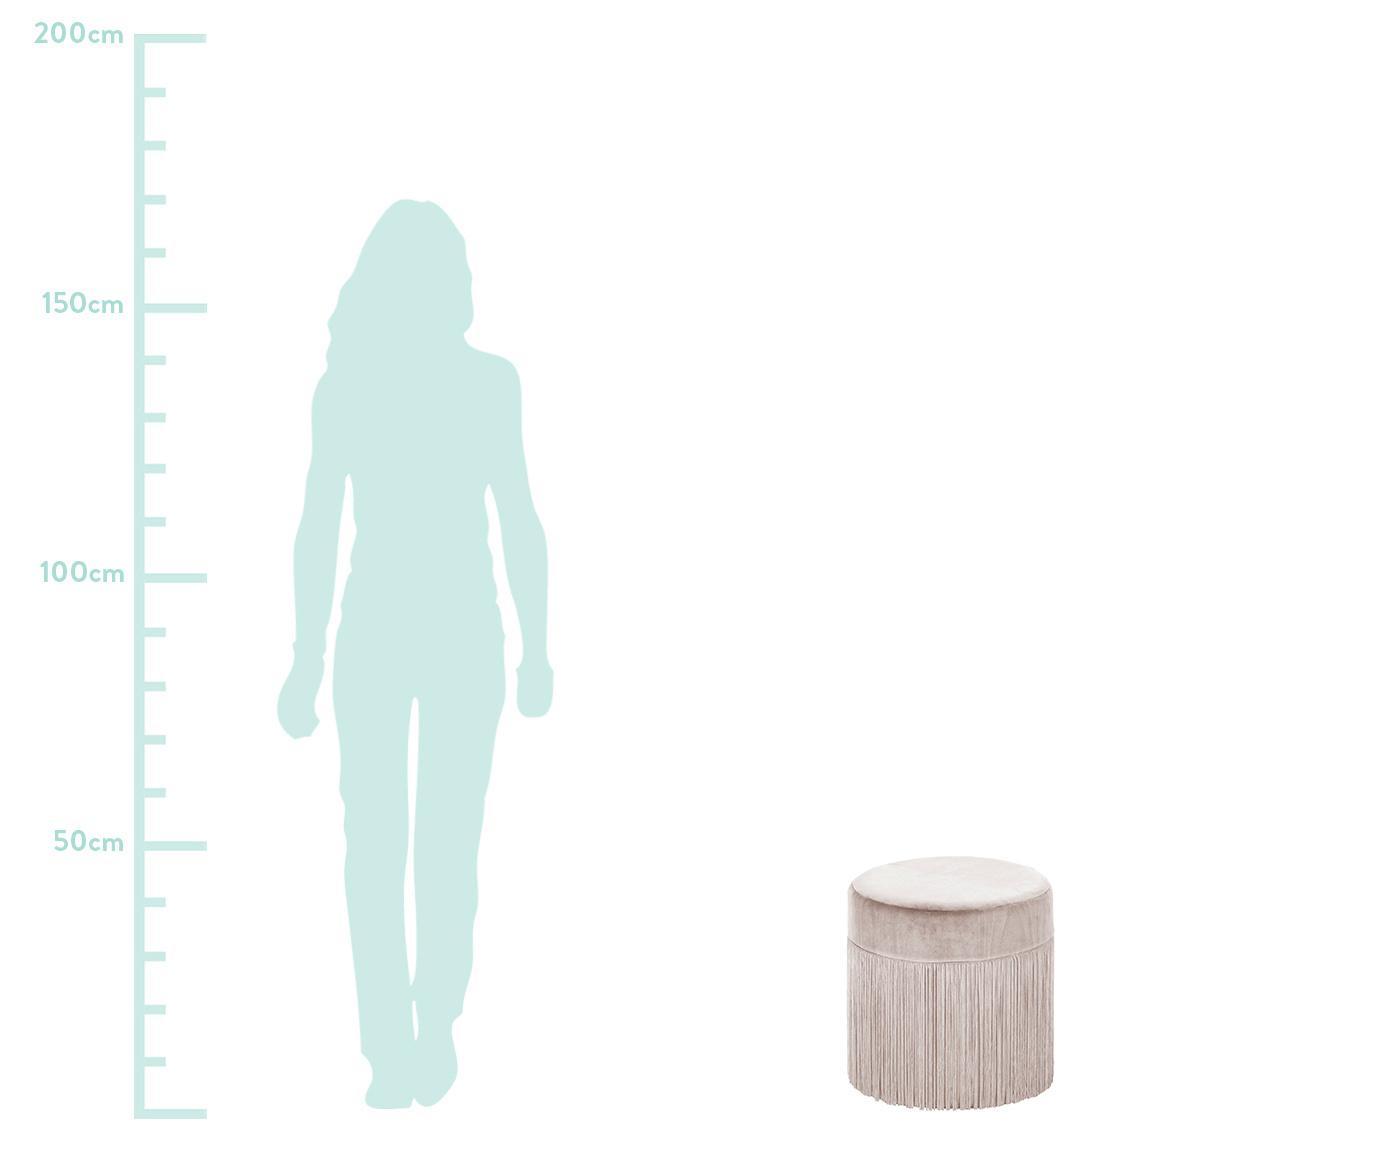 Fransen-Hocker Adriana, Bezug: Baumwollsamt, Fransen: Viskose, Unterseite: Baumwolle, Champagner, Ø 40 x H 40 cm